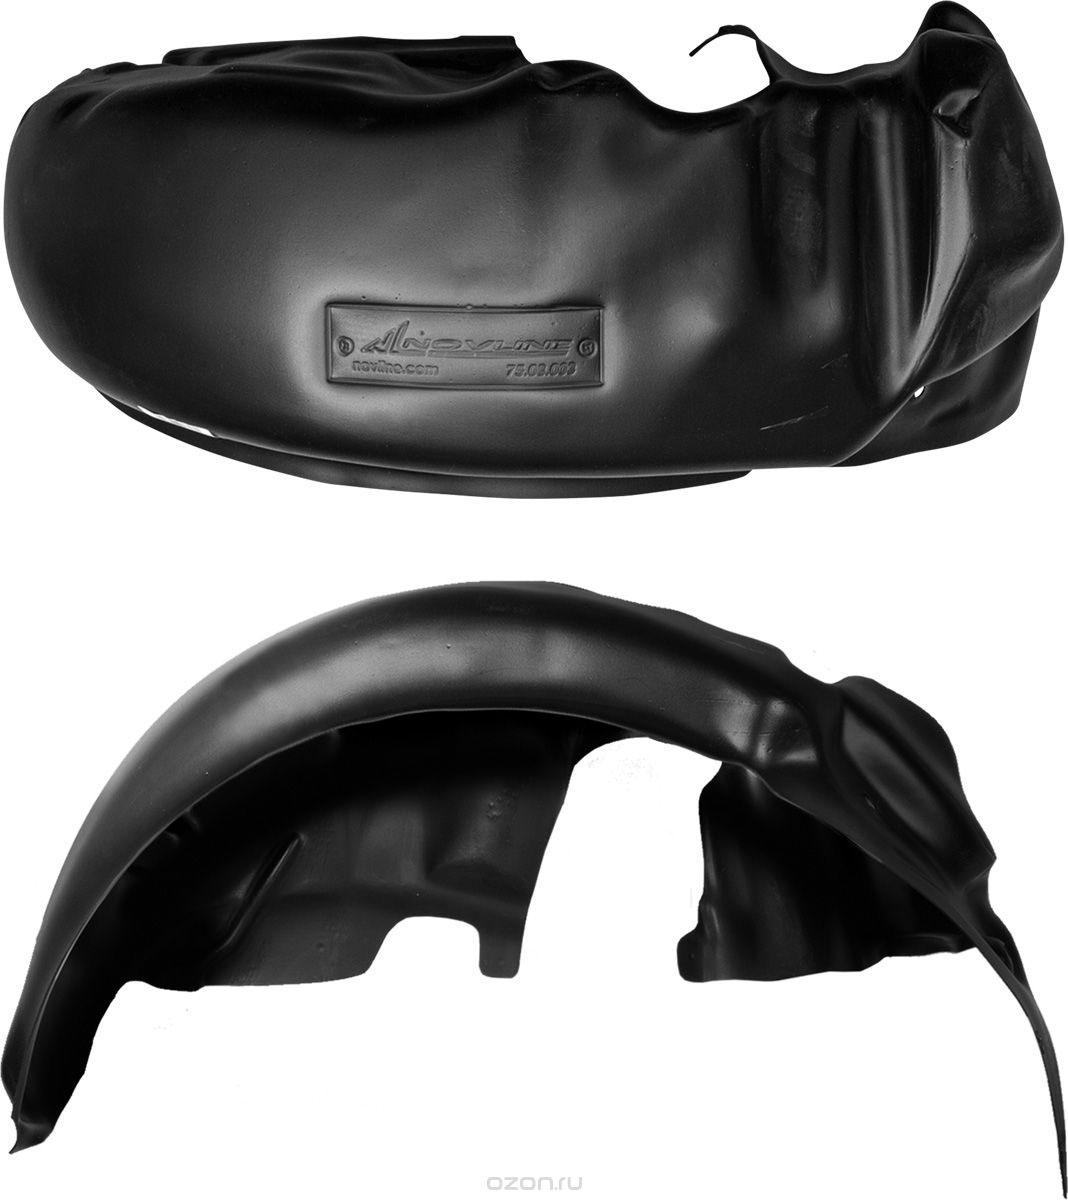 Подкрылок Novline-Autofamily, для TOYOTA Avensis 2009->, передний левыйNLL.48.19.001Идеальная защита колесной ниши. Локеры разработаны с применением цифровых технологий, гарантируют максимальную повторяемость поверхности арки. Изделия устанавливаются без нарушения лакокрасочного покрытия автомобиля, каждый подкрылок комплектуется крепежом. Уважаемые клиенты, обращаем ваше внимание, что фотографии на подкрылки универсальные и не отражают реальную форму изделия. При этом само изделие идет точно под размер указанного автомобиля.